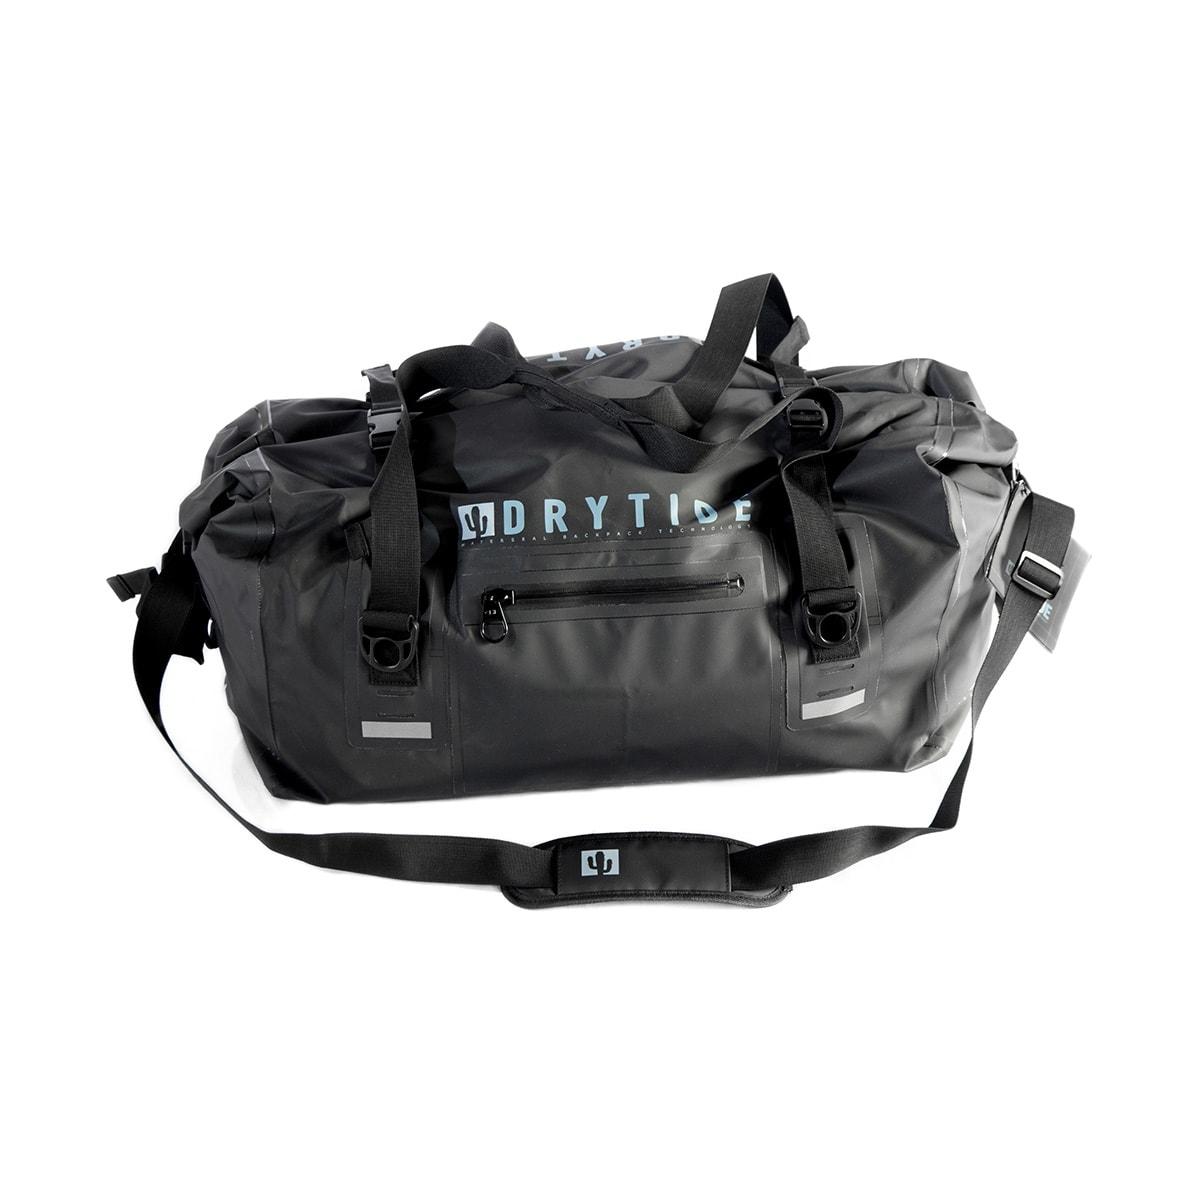 DryTide-waterproof-duffel-bag-50liters-square